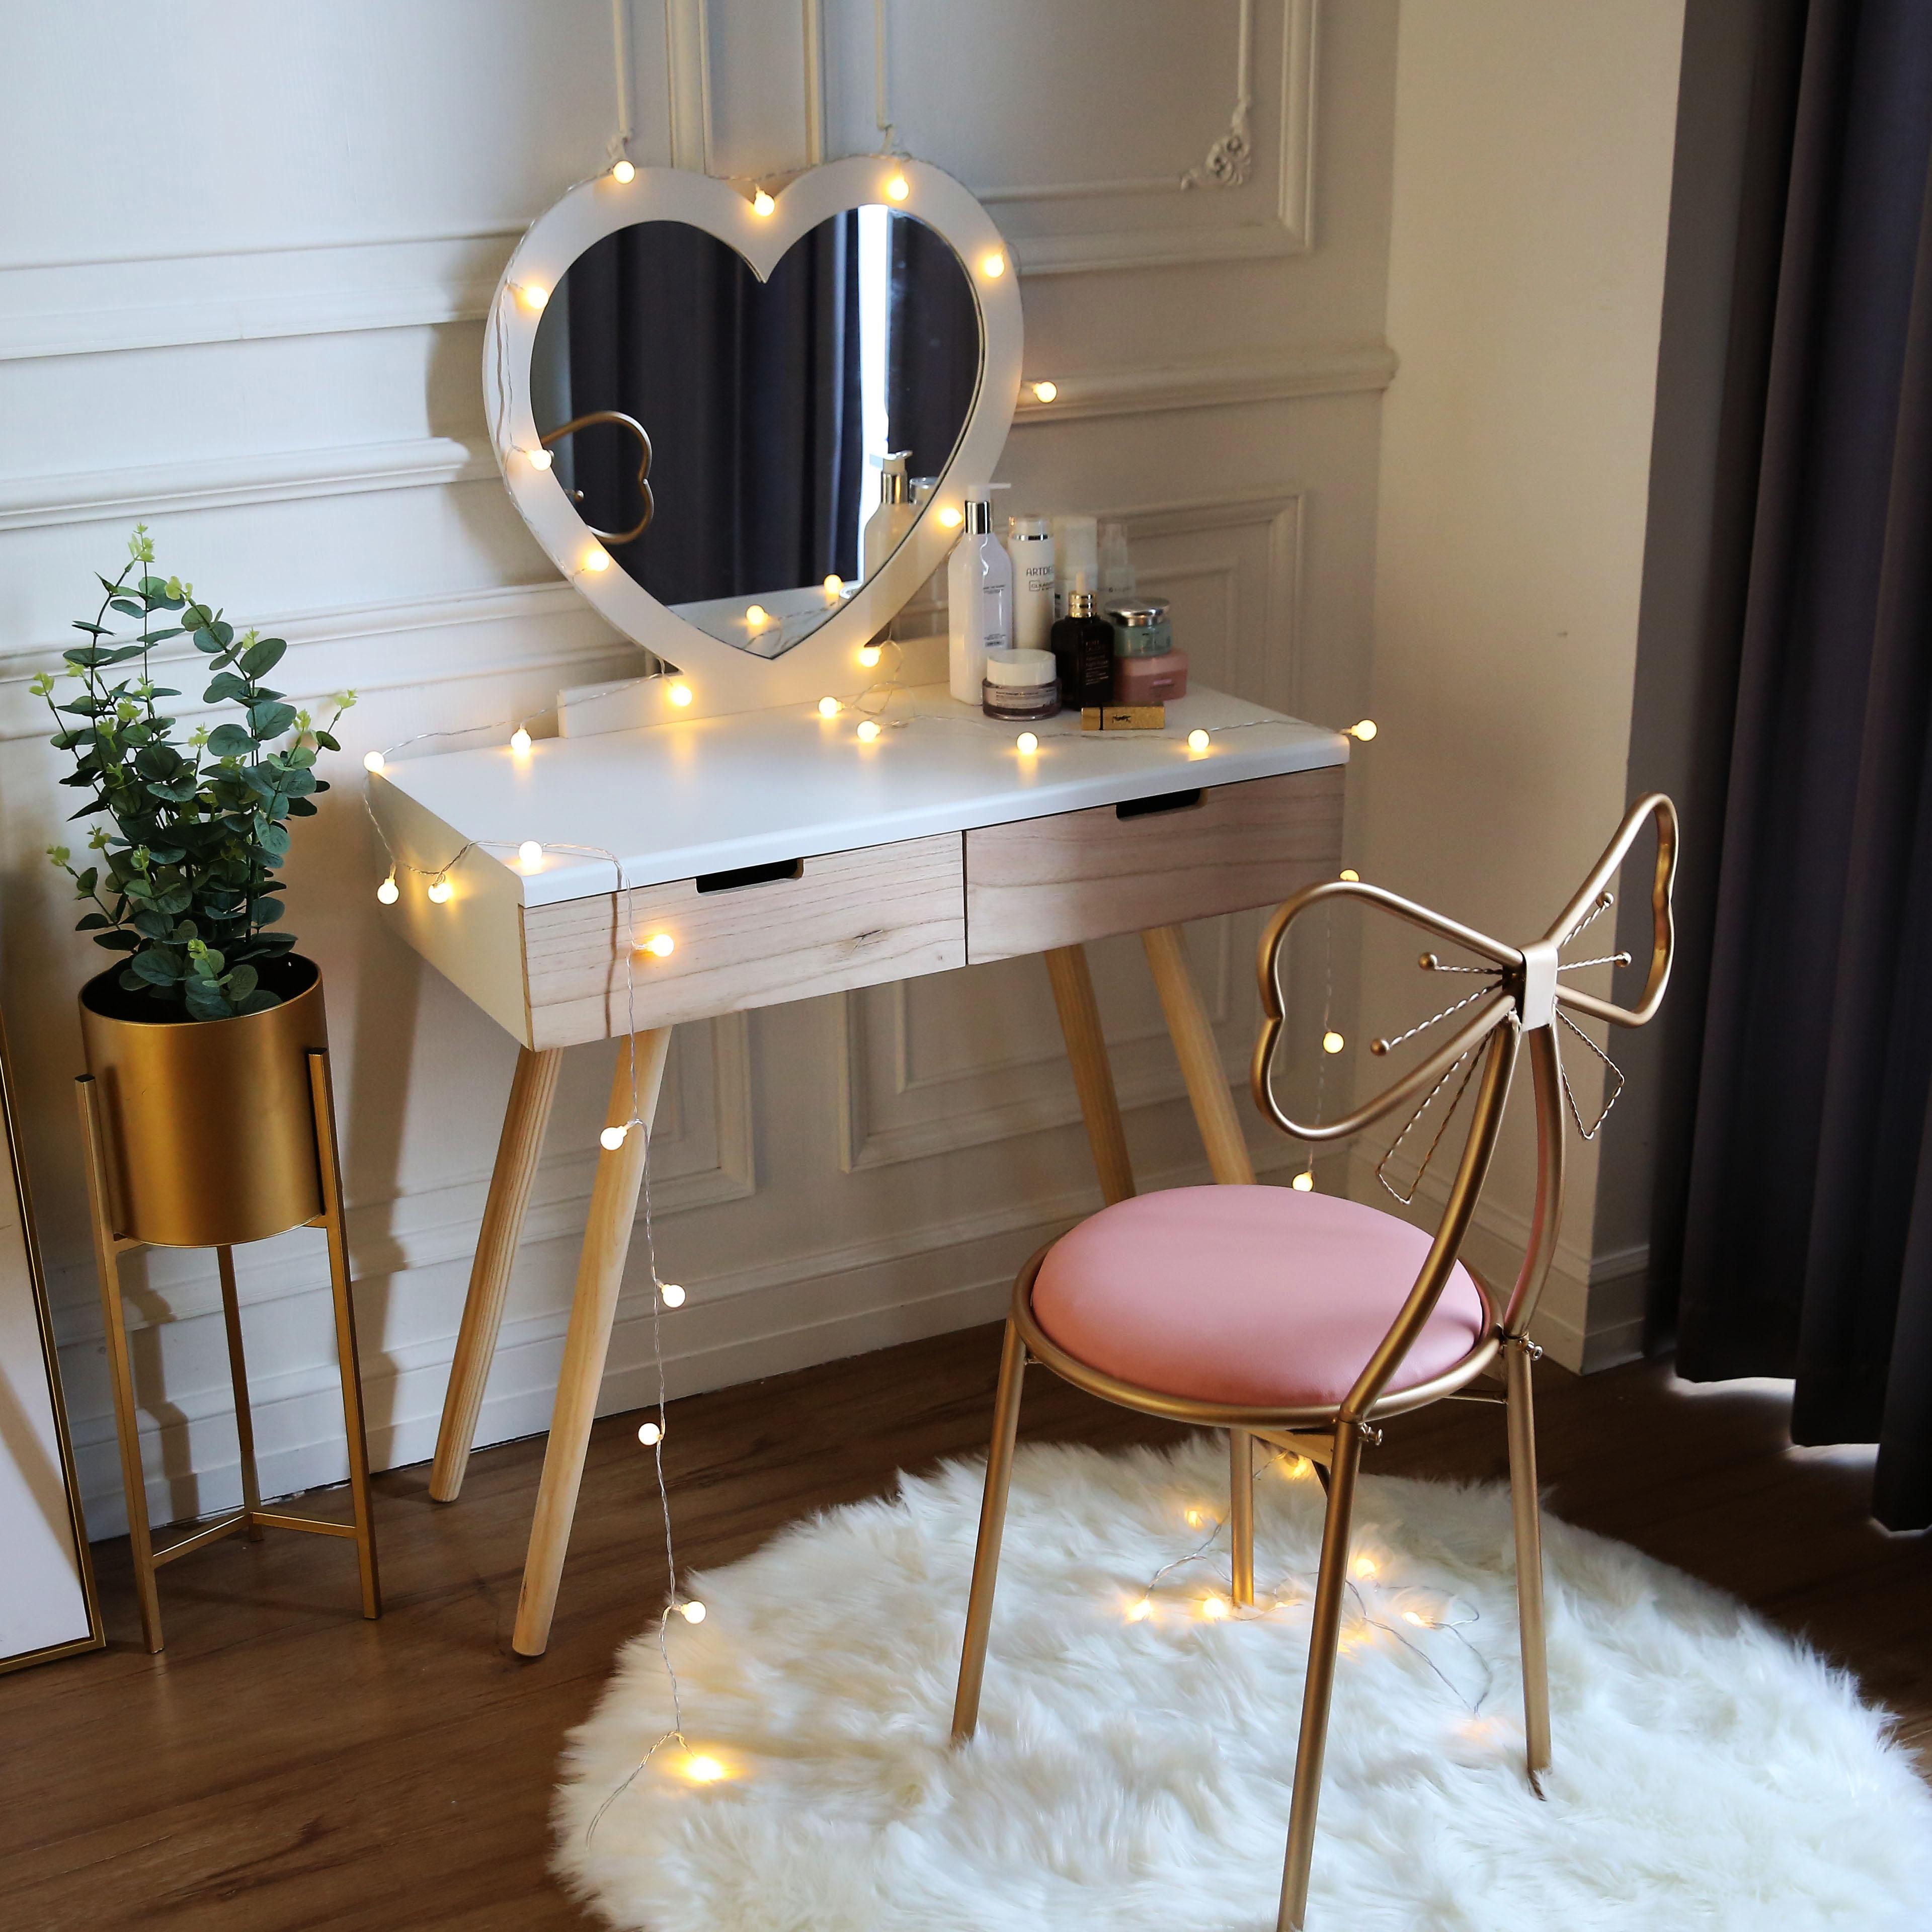 Нордический стиль комод принцесса мини соус небольшой квартира спальня простой чистый красный ins ветер составить стол экономического типа